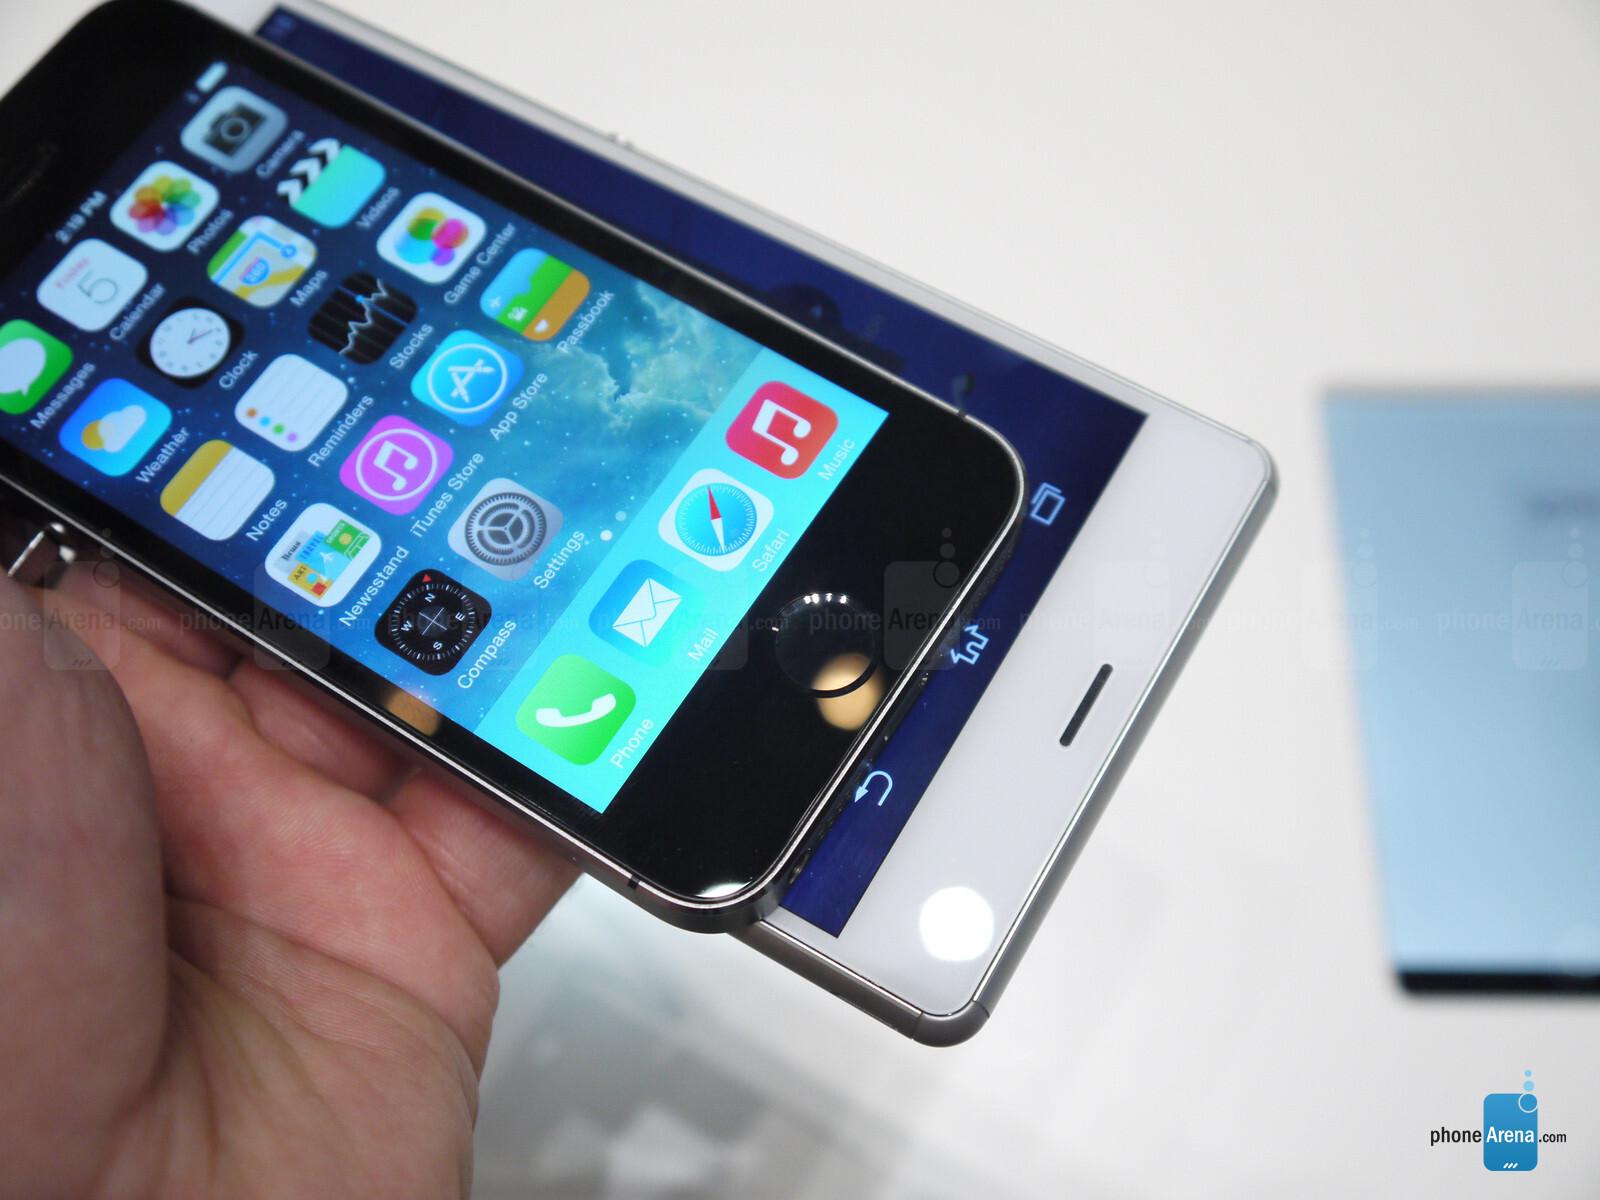 S8+ vs iphone 8 Plus vs xperia z3 - Spiare il cellulare della moglie gratis